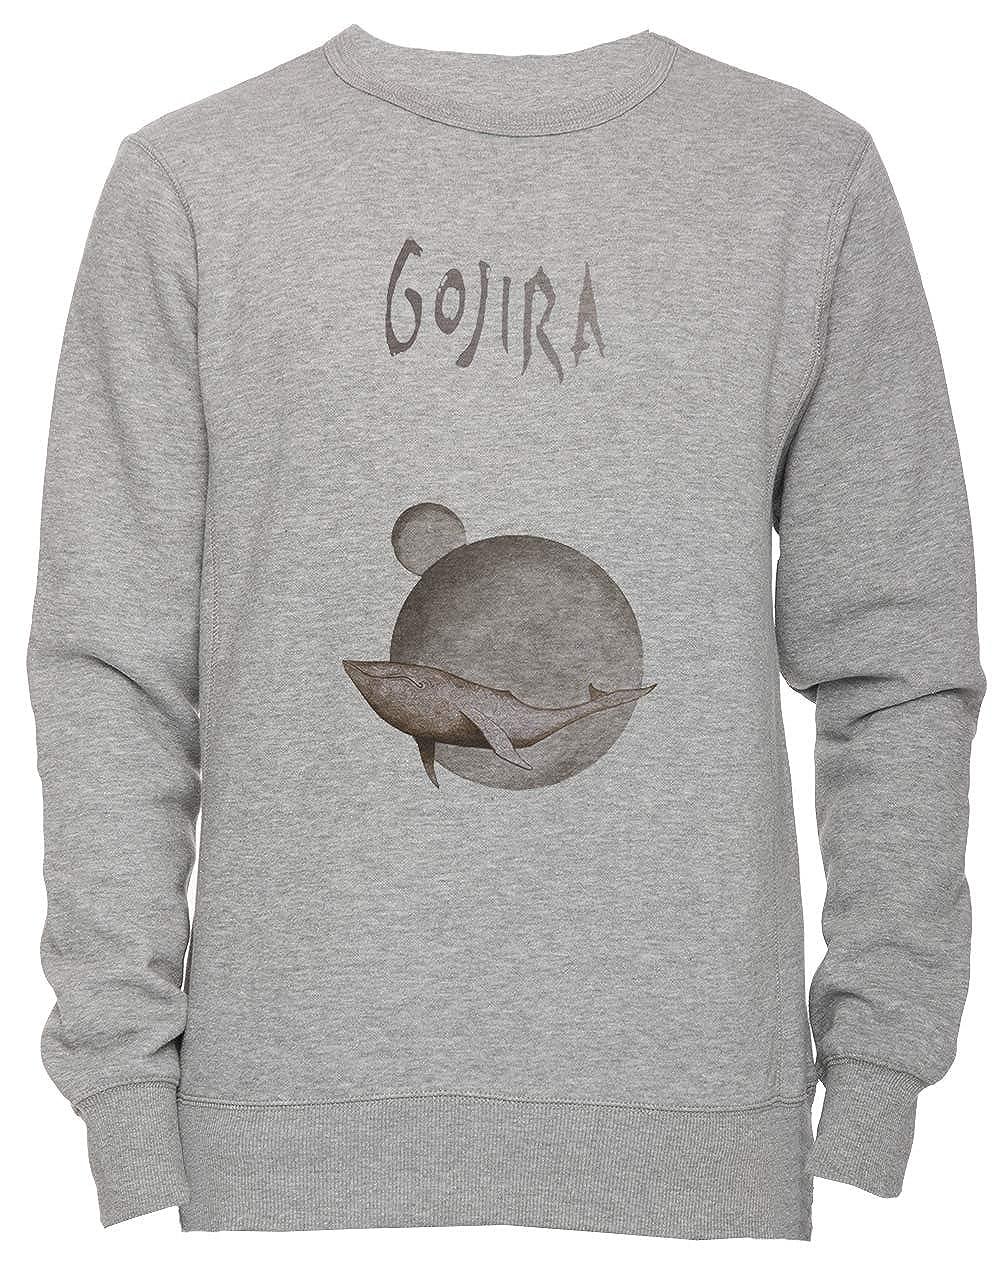 Gojira Whale - Gojira Unisex Uomo Donna Felpa Maglione Pullover Grigio Tutti Dimensioni Men's Women's Jumper Grey